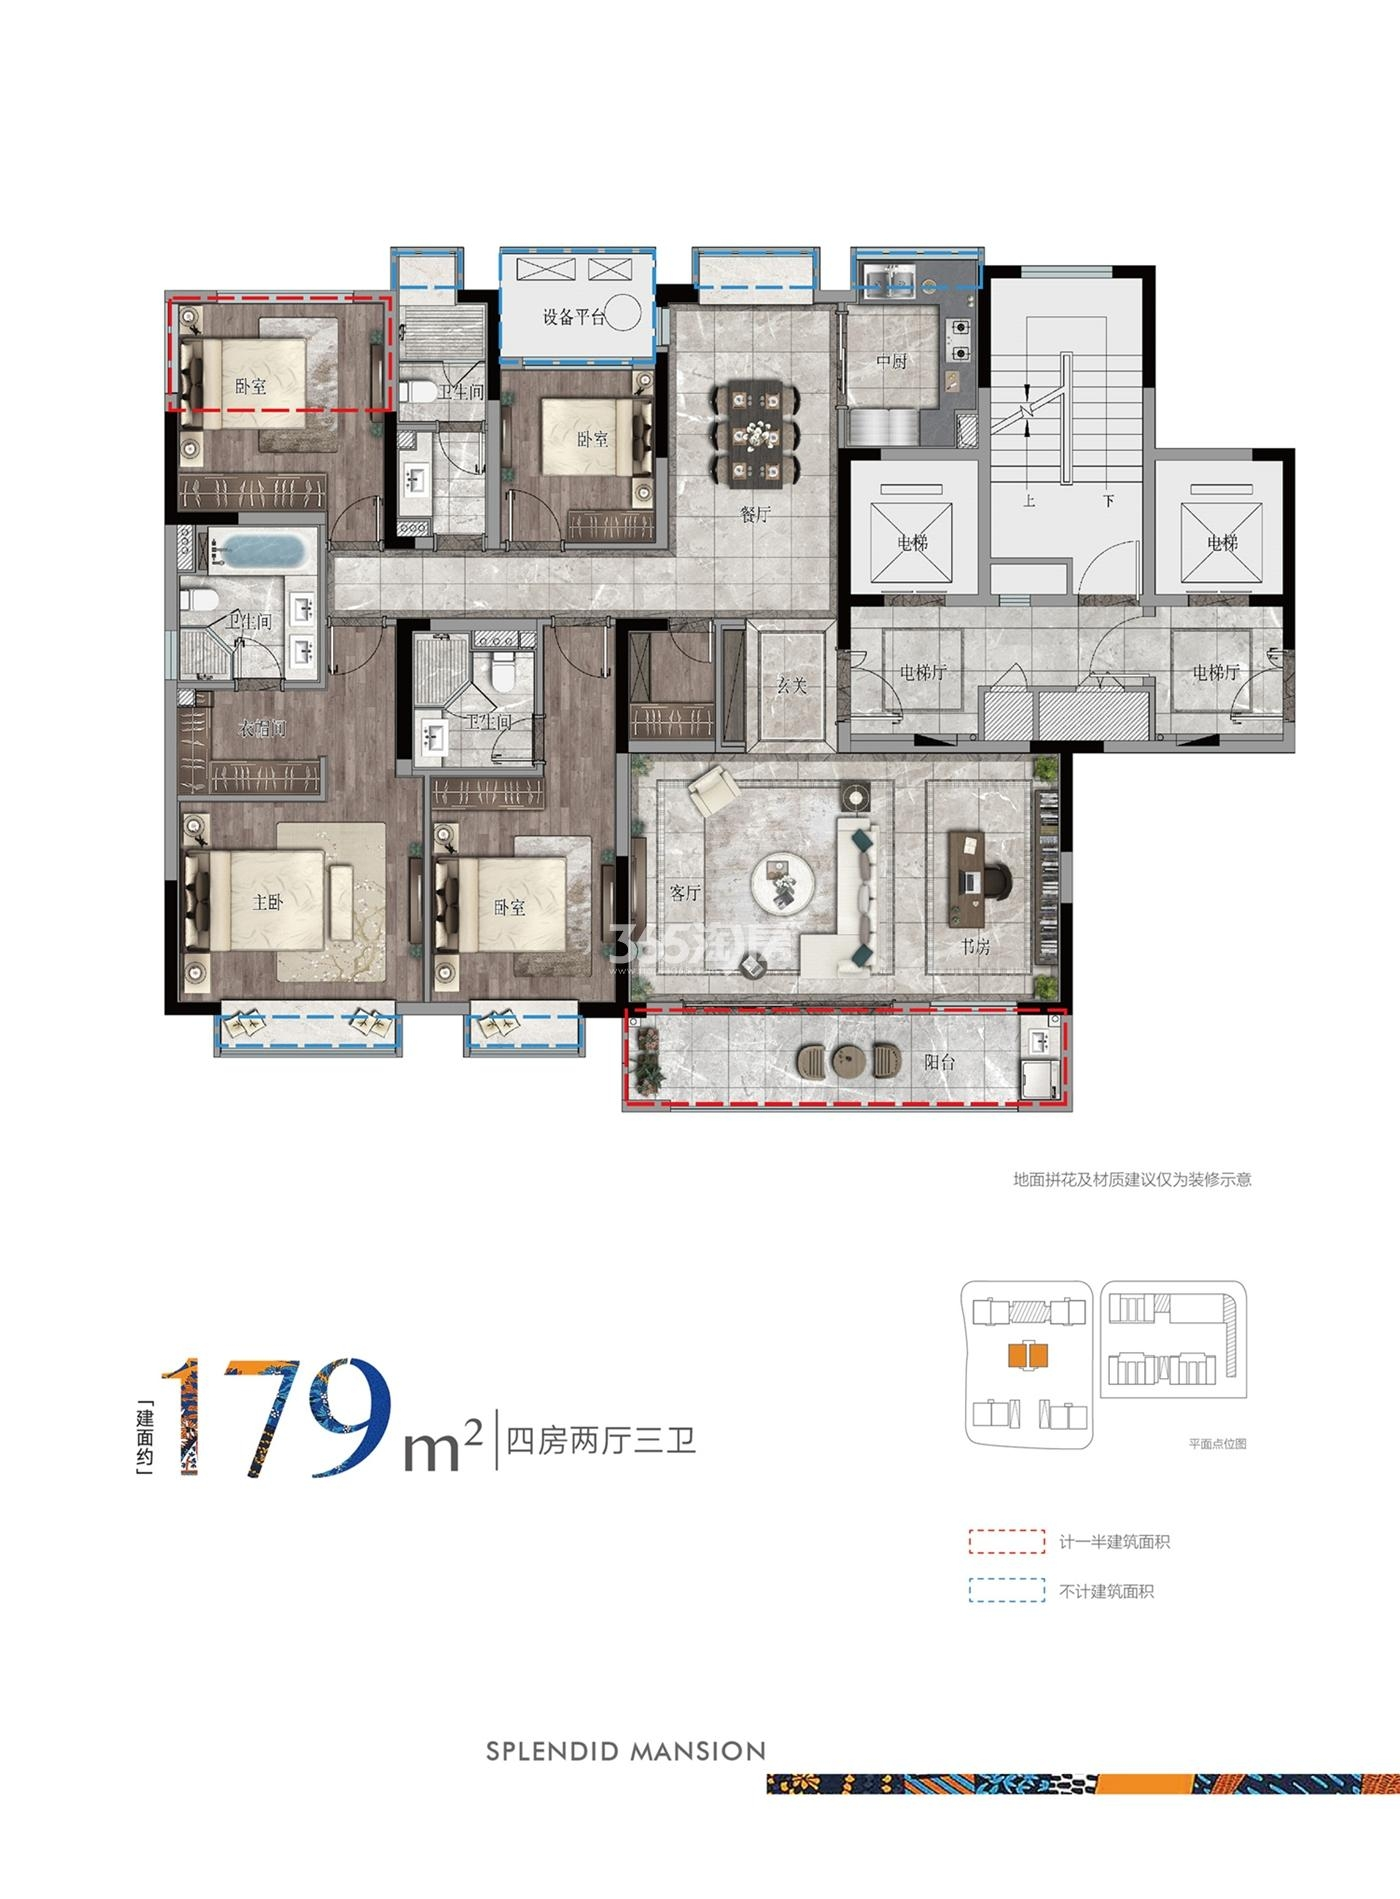 中冶锦绣公馆3号楼179方户型